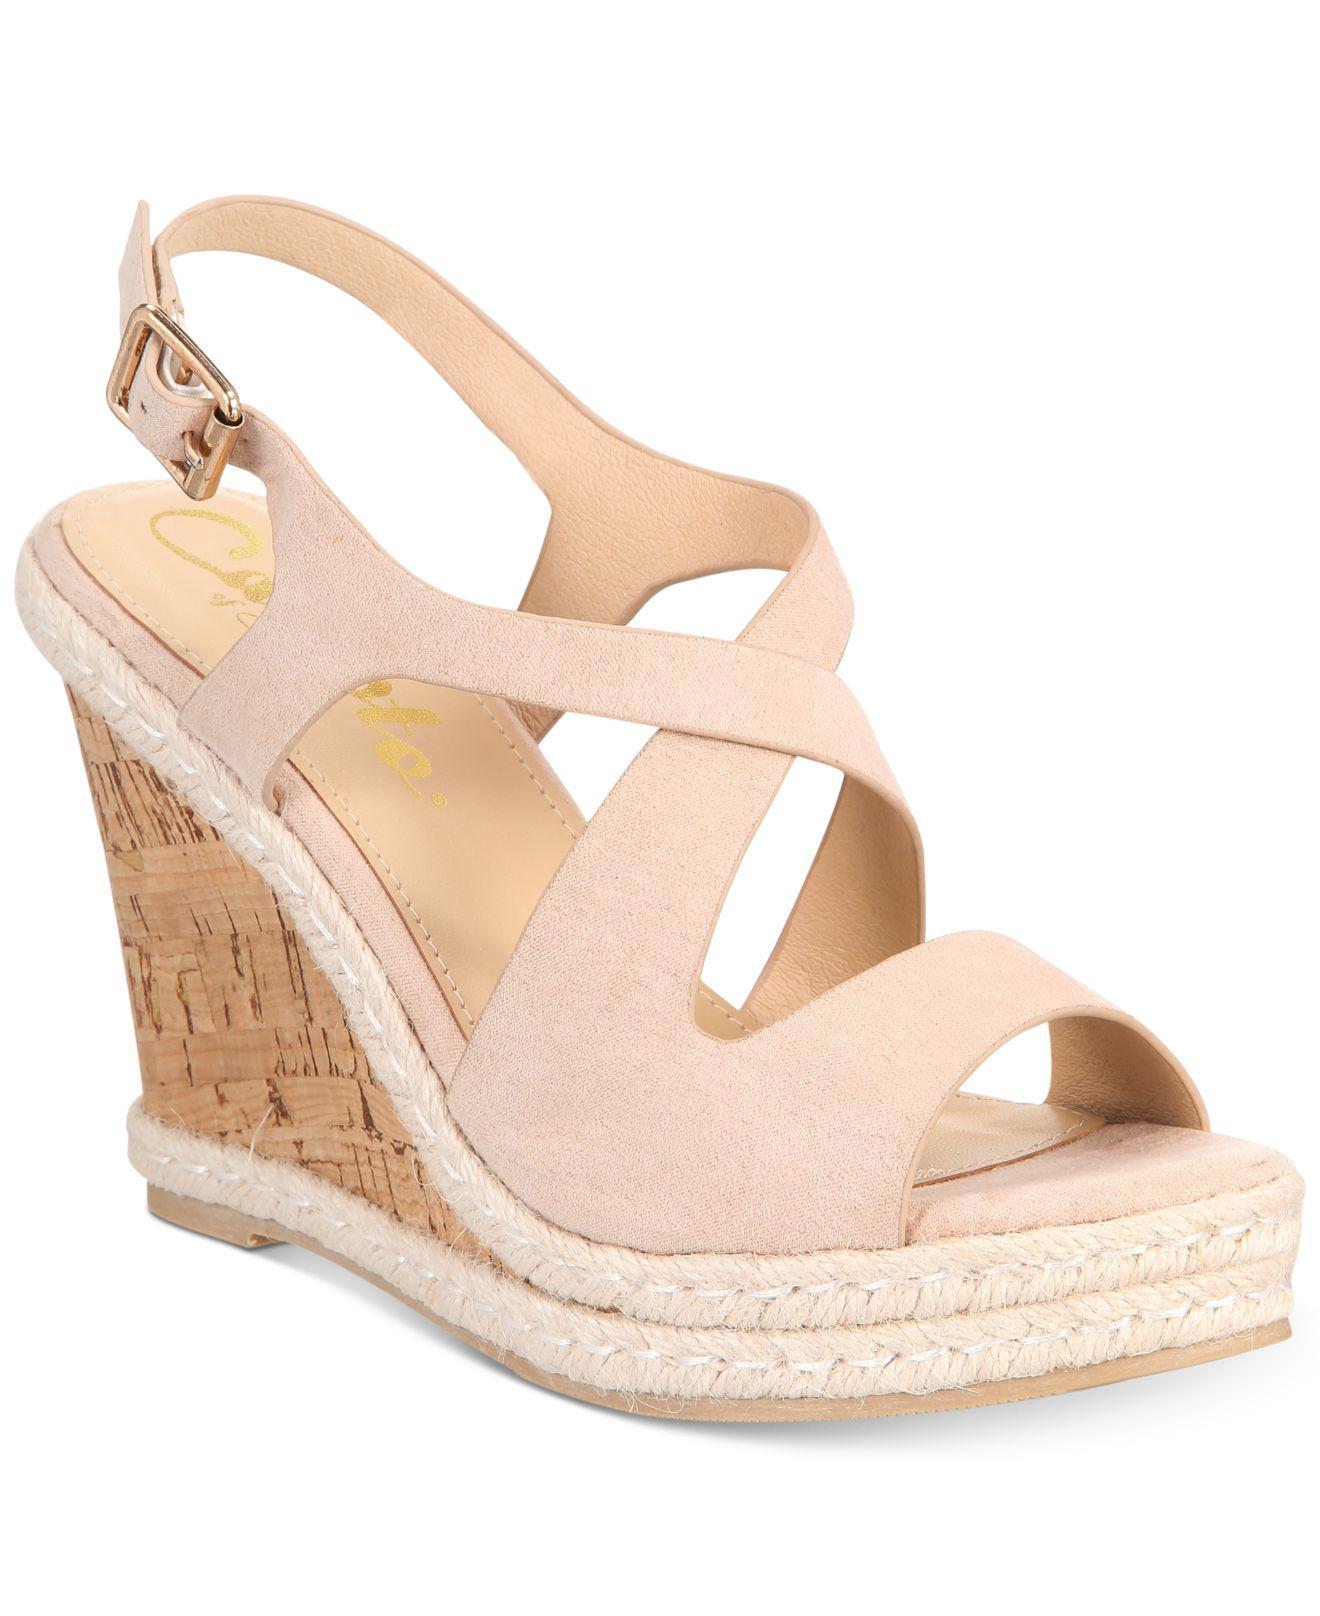 52ea562235b3 Lyst - Callisto Brielle Espadrille Platform Wedge Sandals - Save 52%